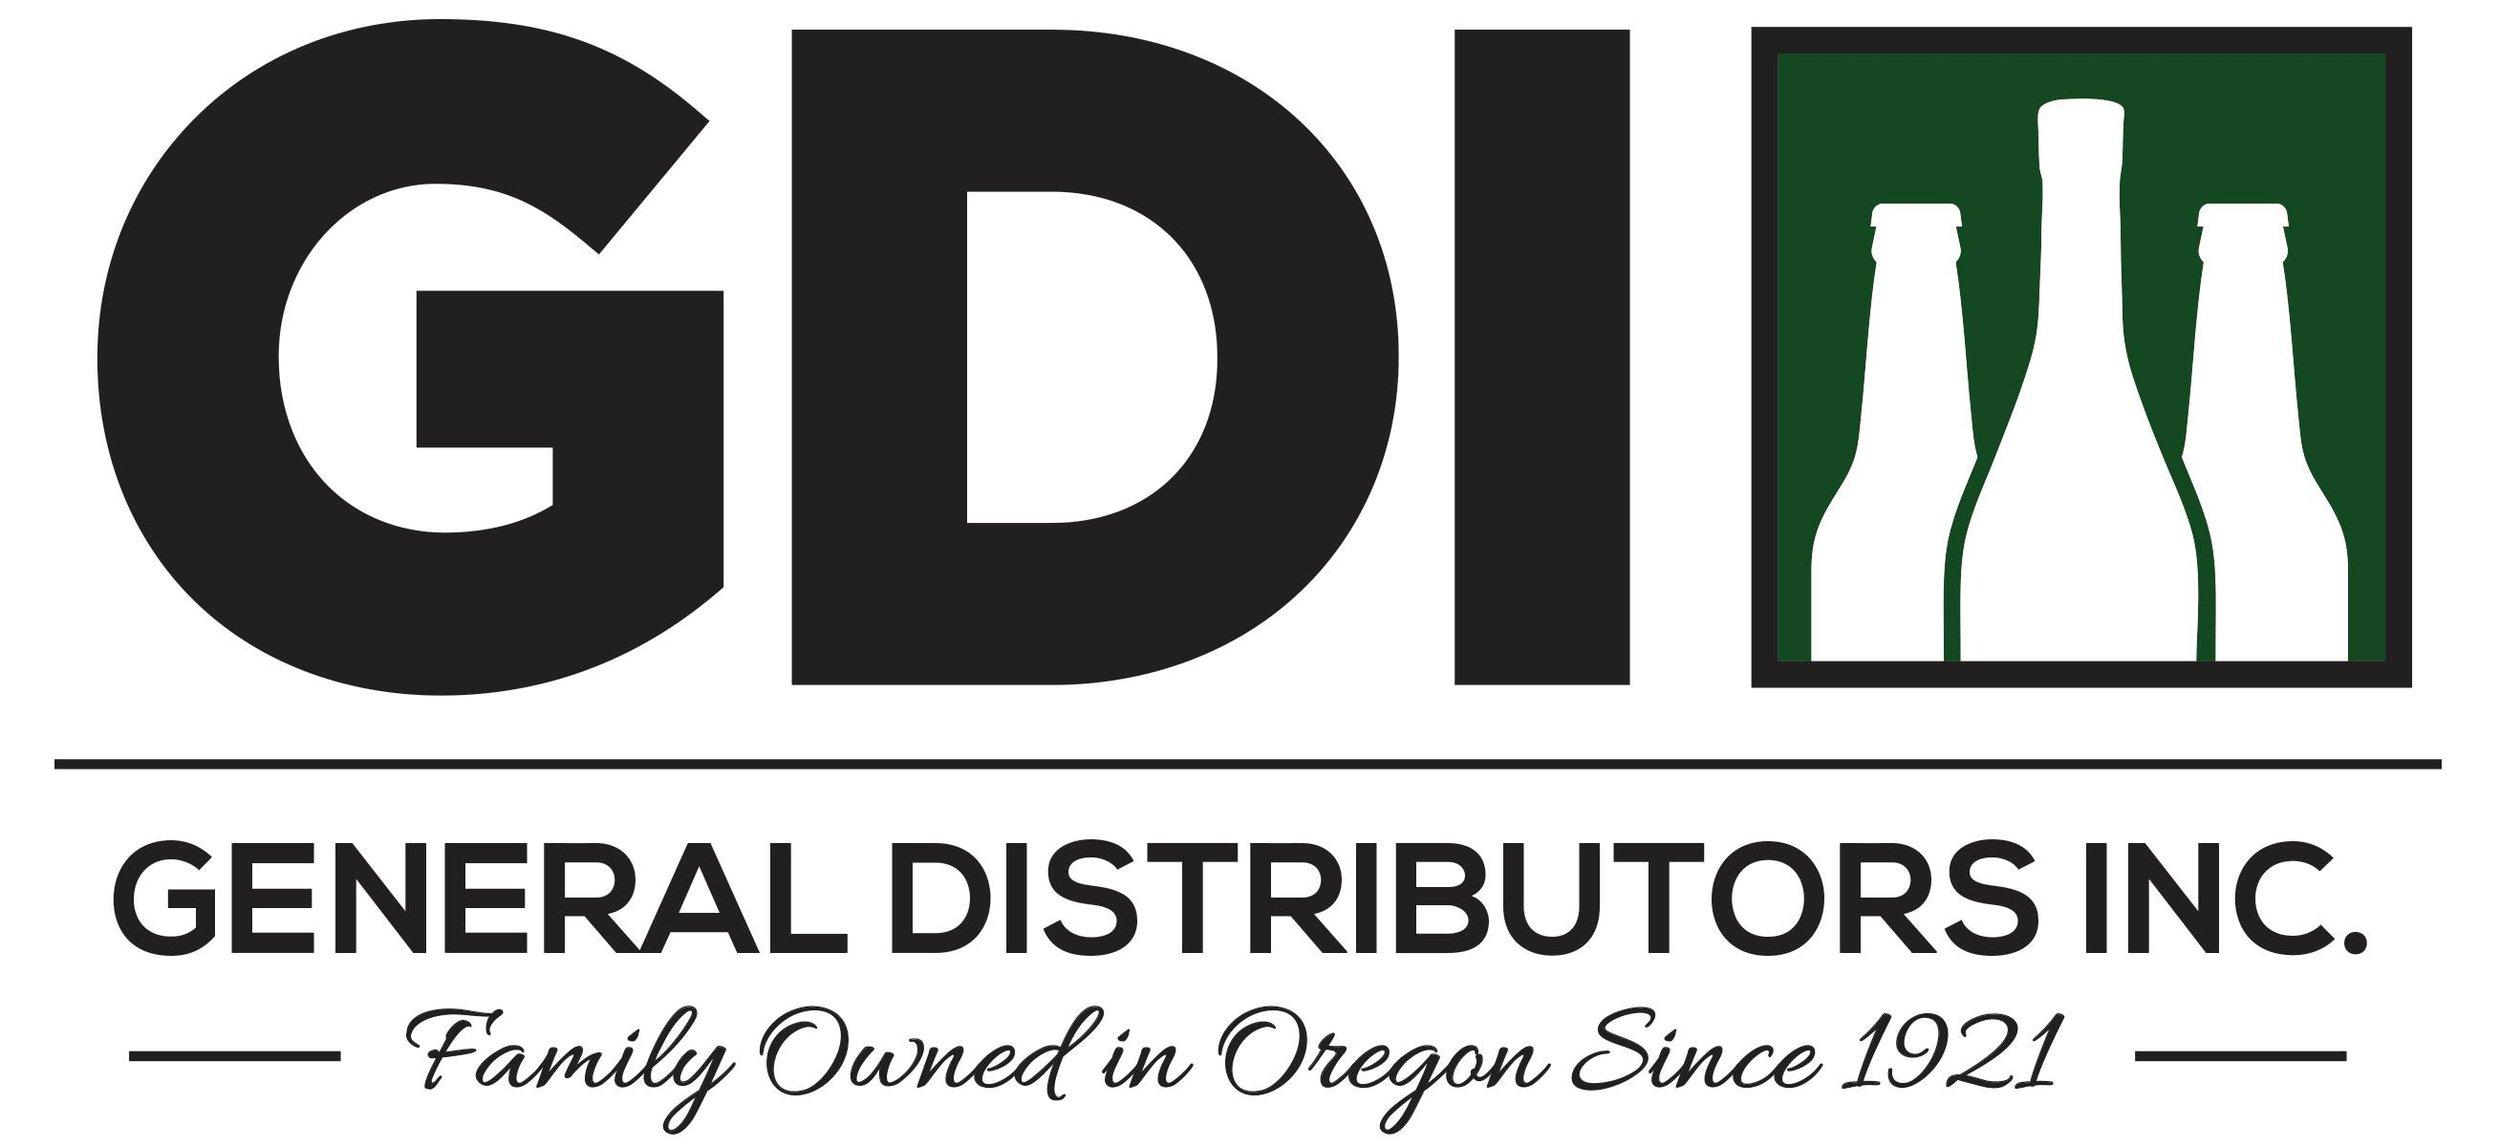 General-Distributors-Logo-2016.jpg